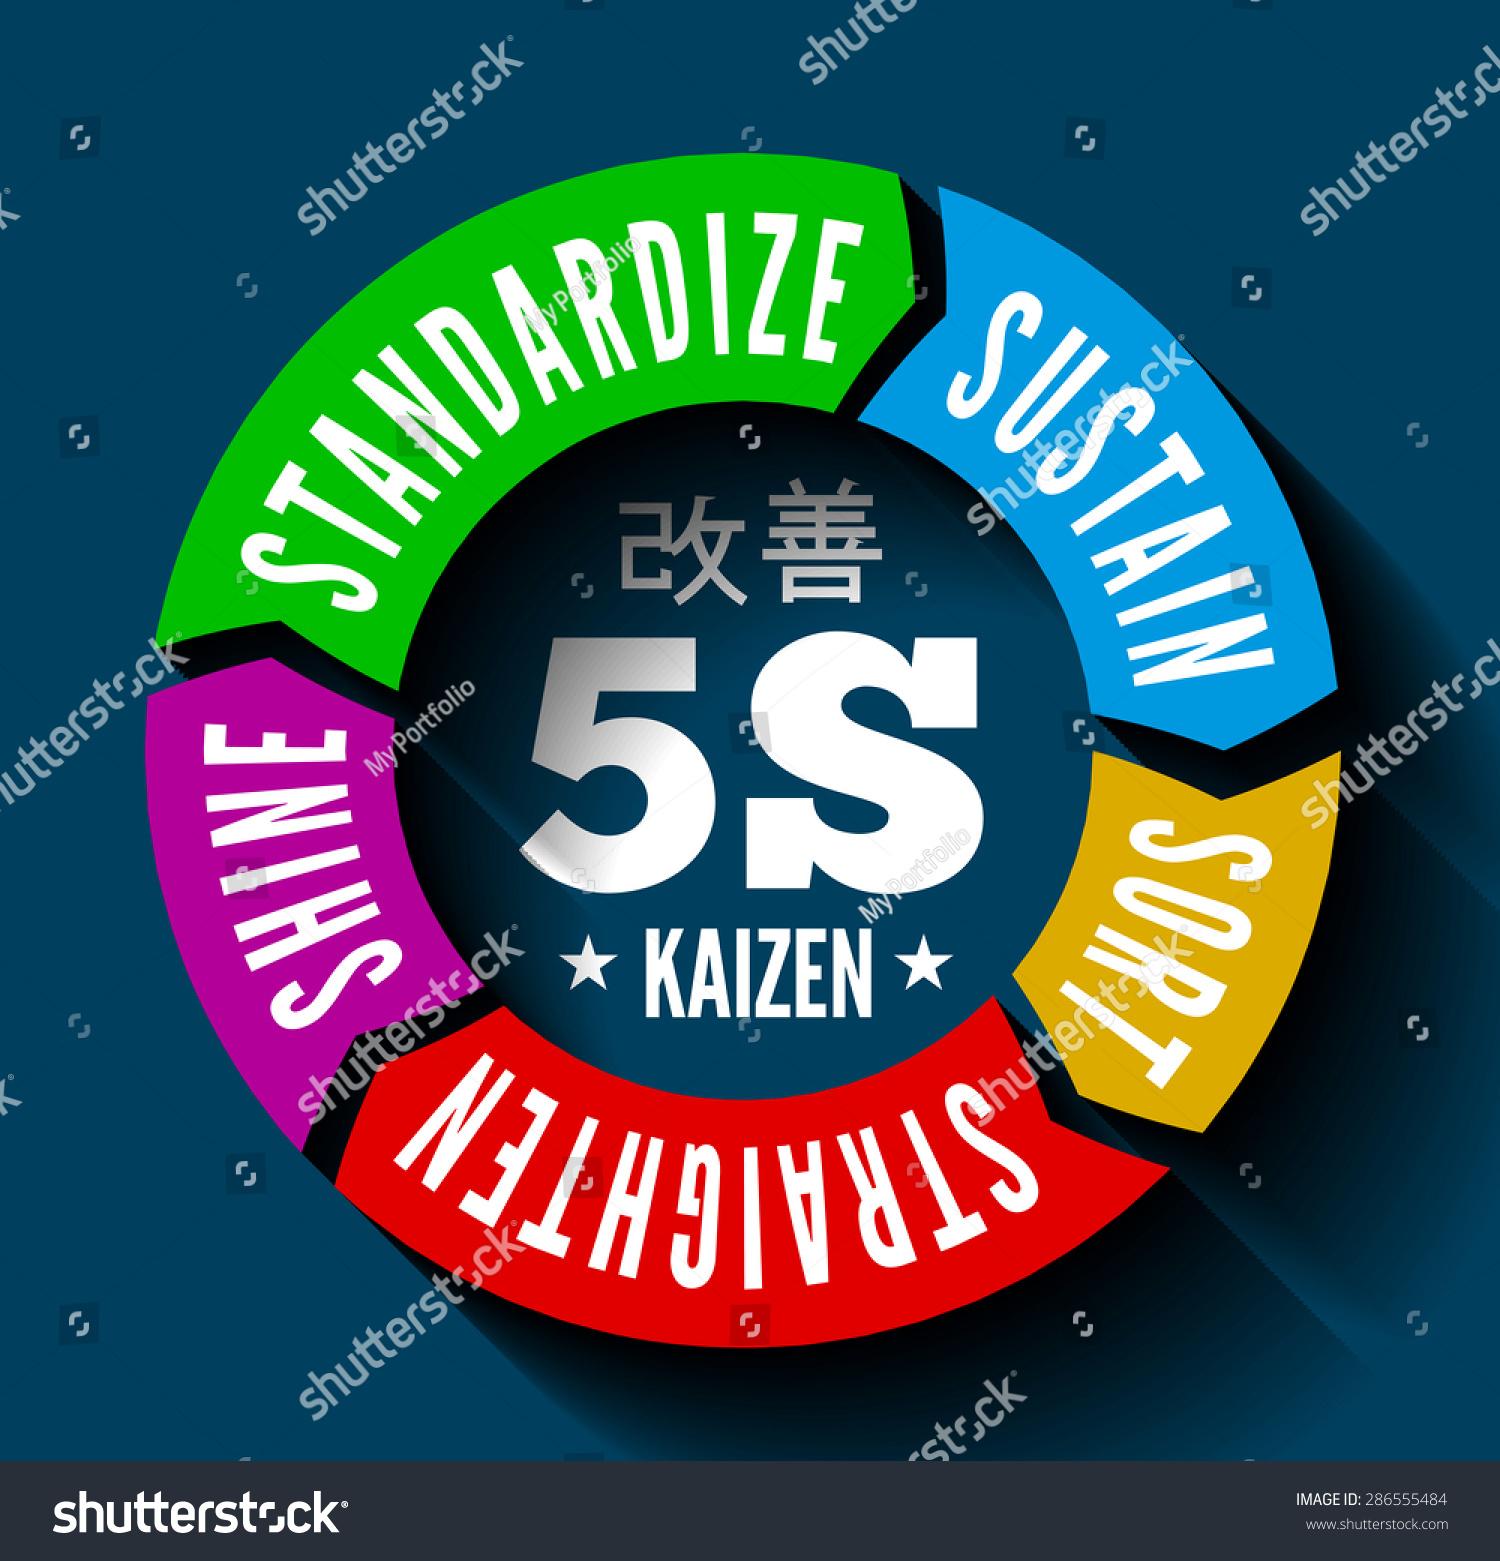 5s Methodology Kaizen Management Japan Sort Stock Vector 286555484 - Shutterstock